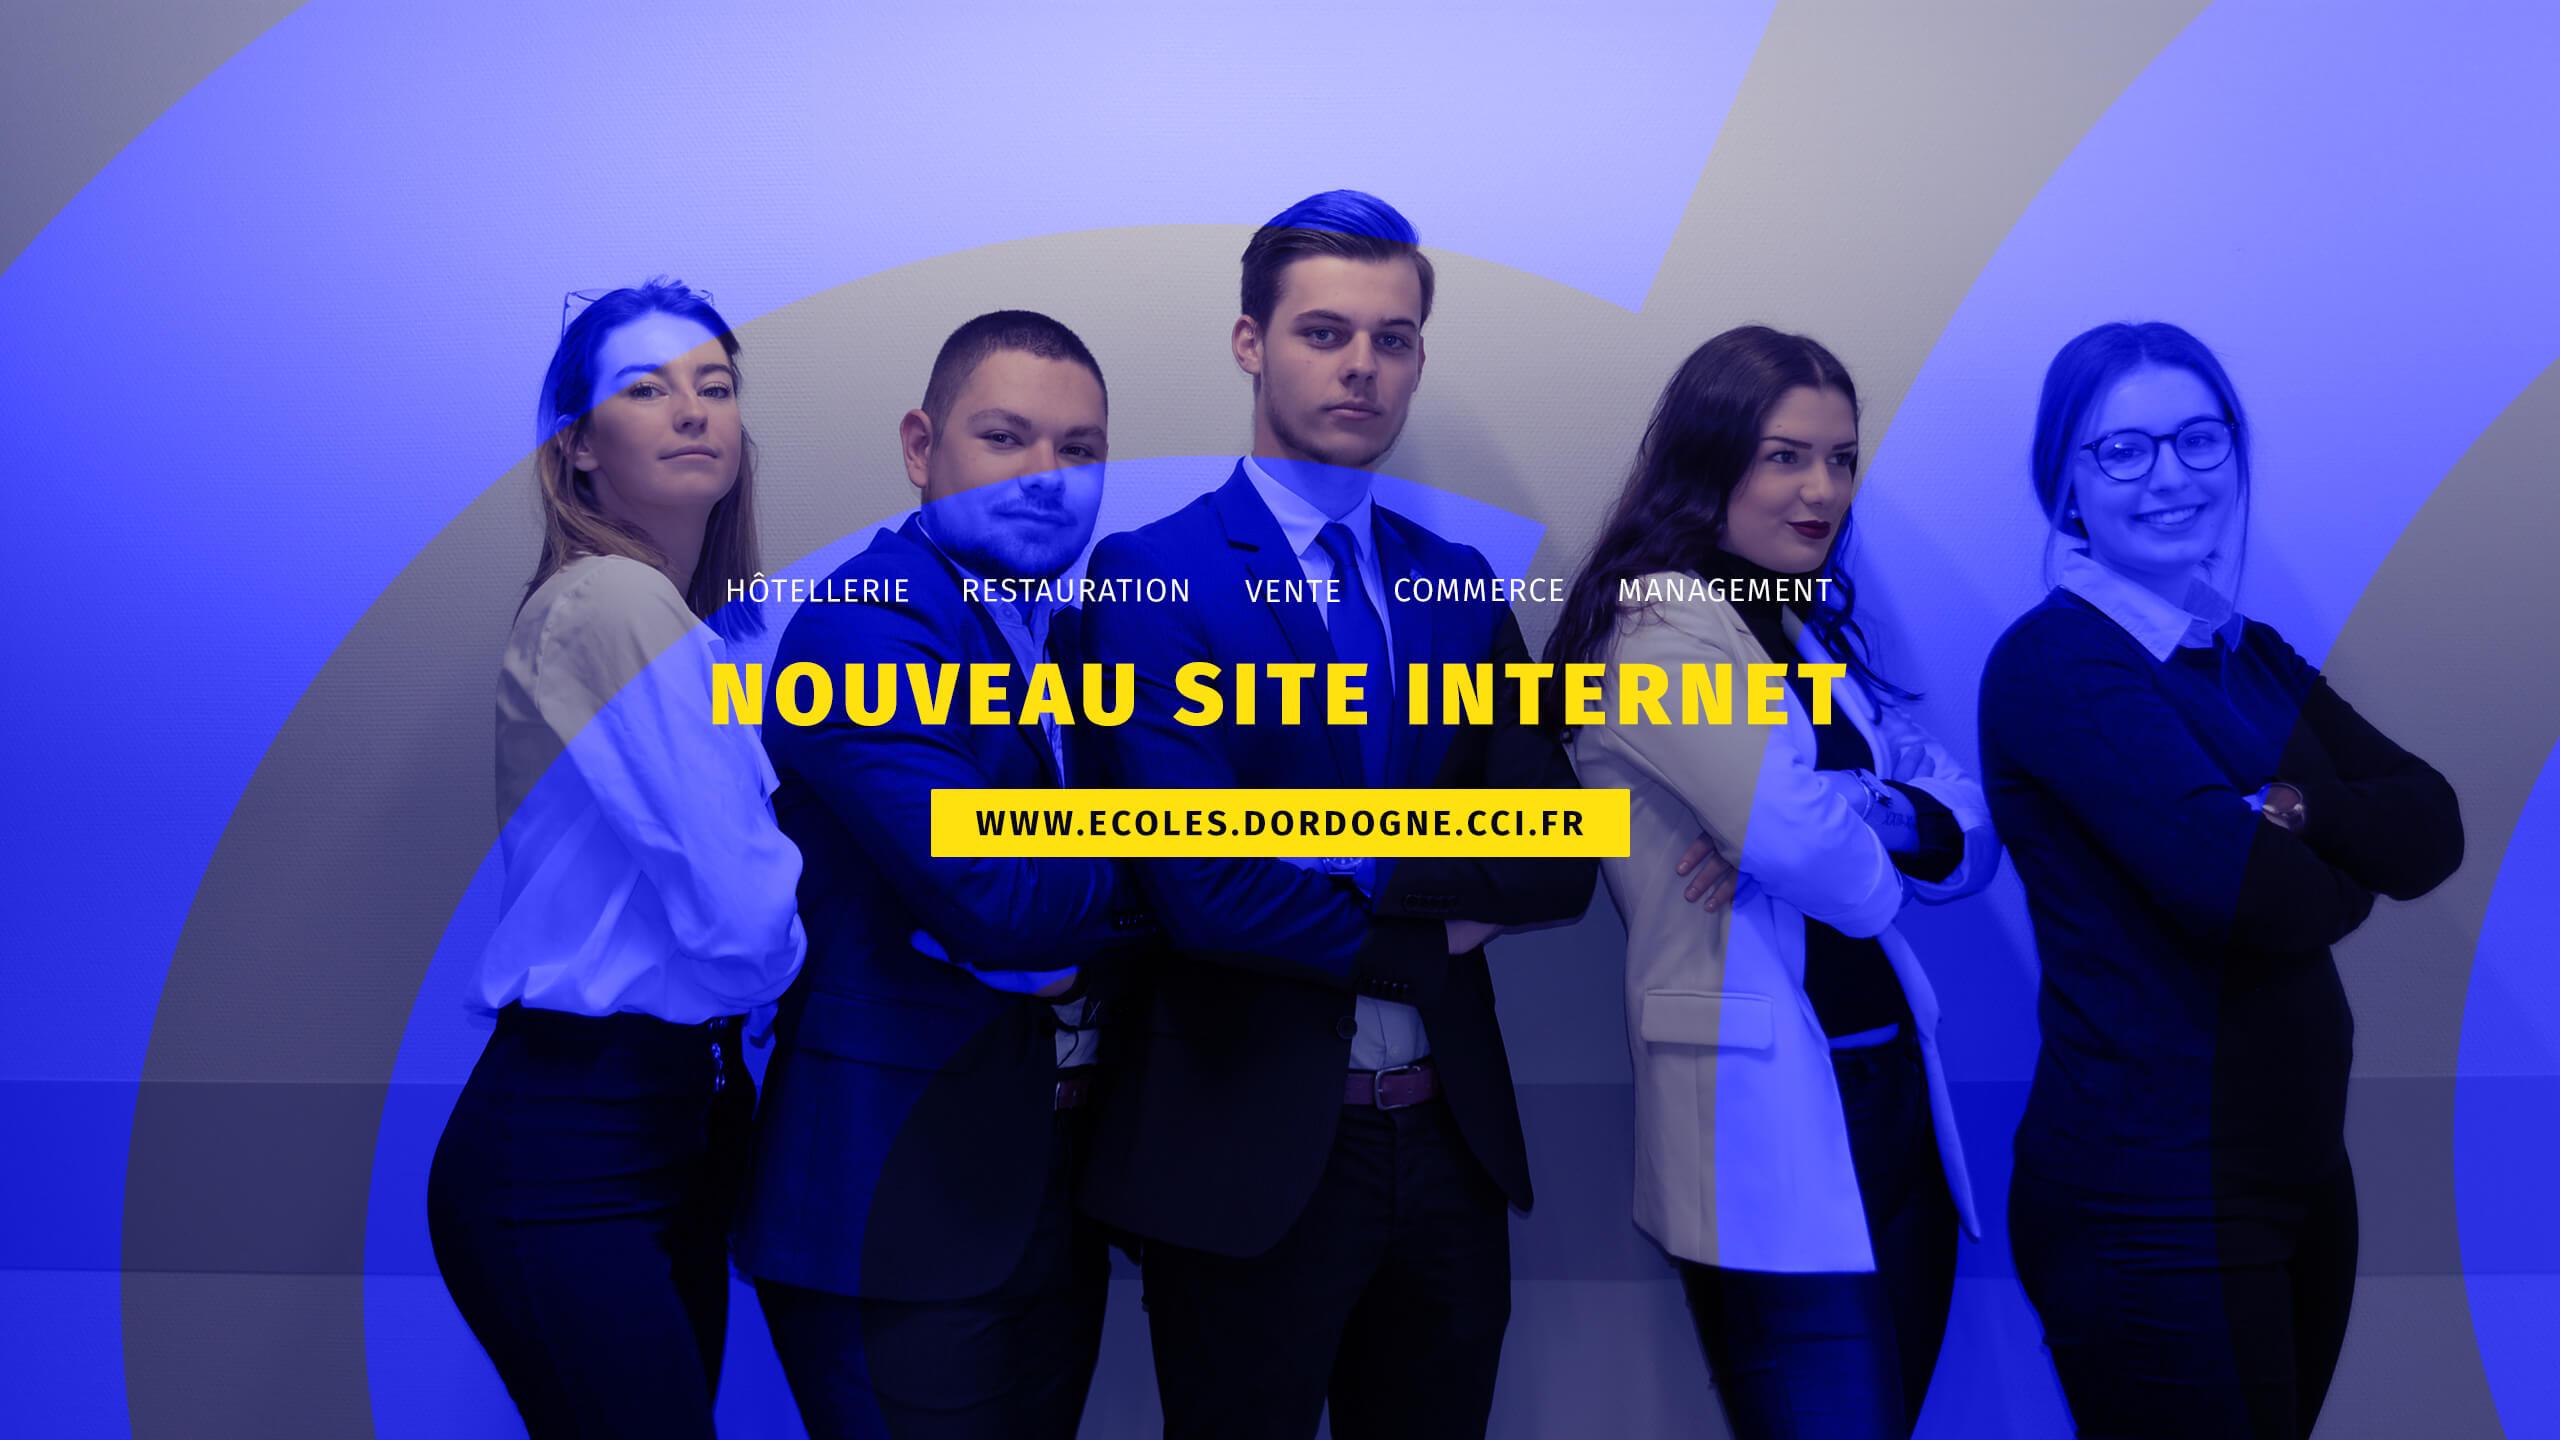 NOUVEAU SITE INTERNET DES ÉCOLES CCI DORDOGNE